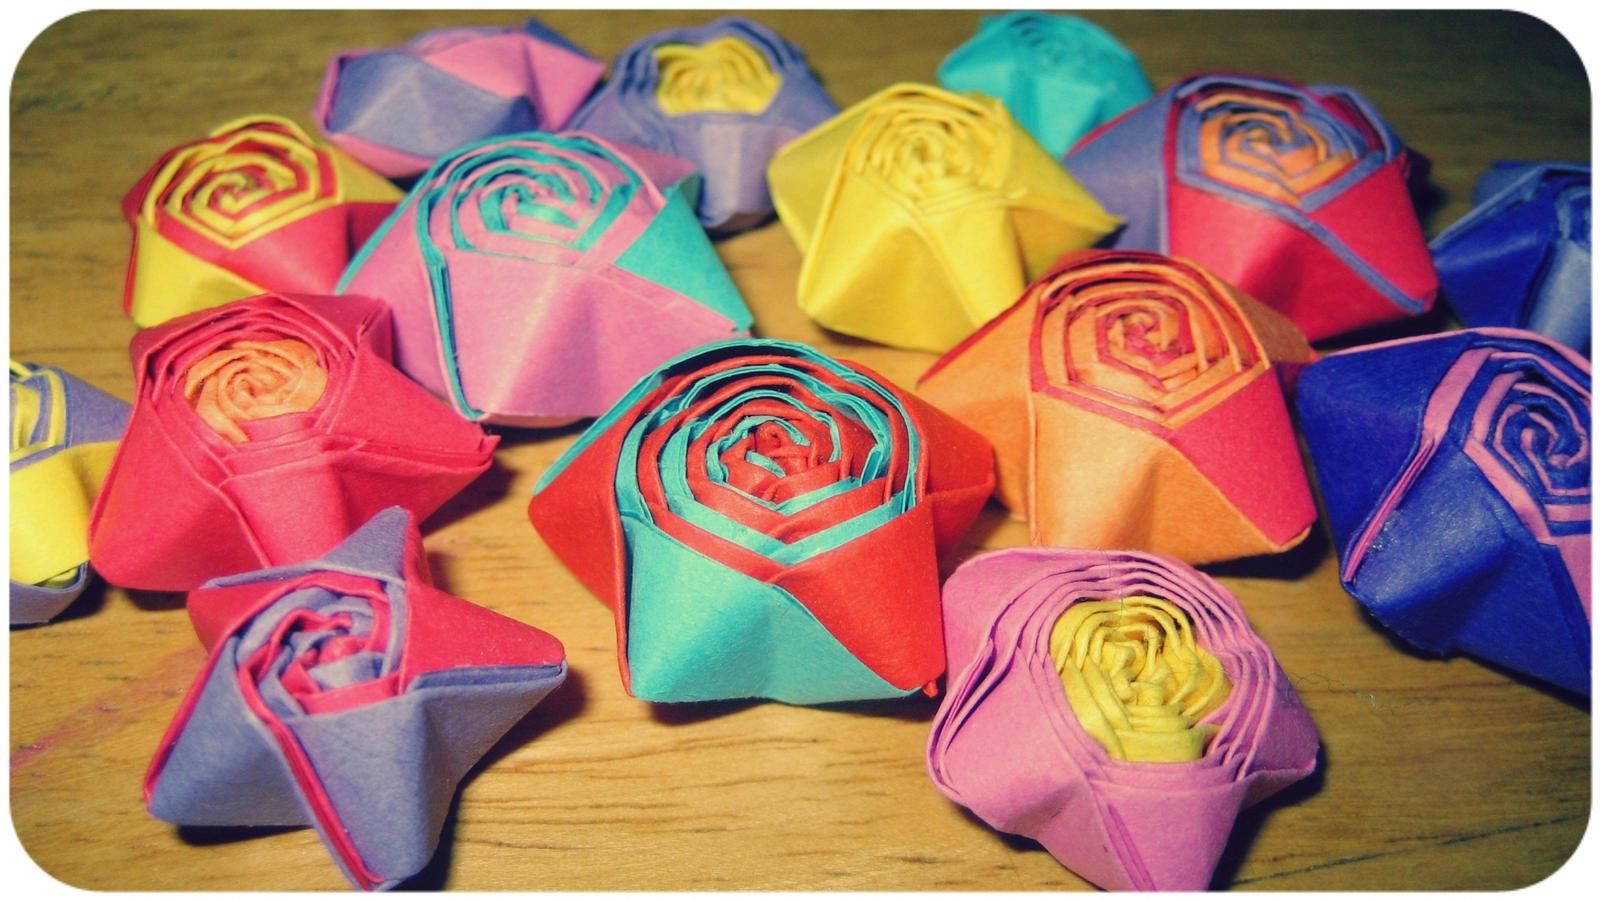 Estrellas de papel by cerridwendoll on deviantart - Estrellas de papel ...